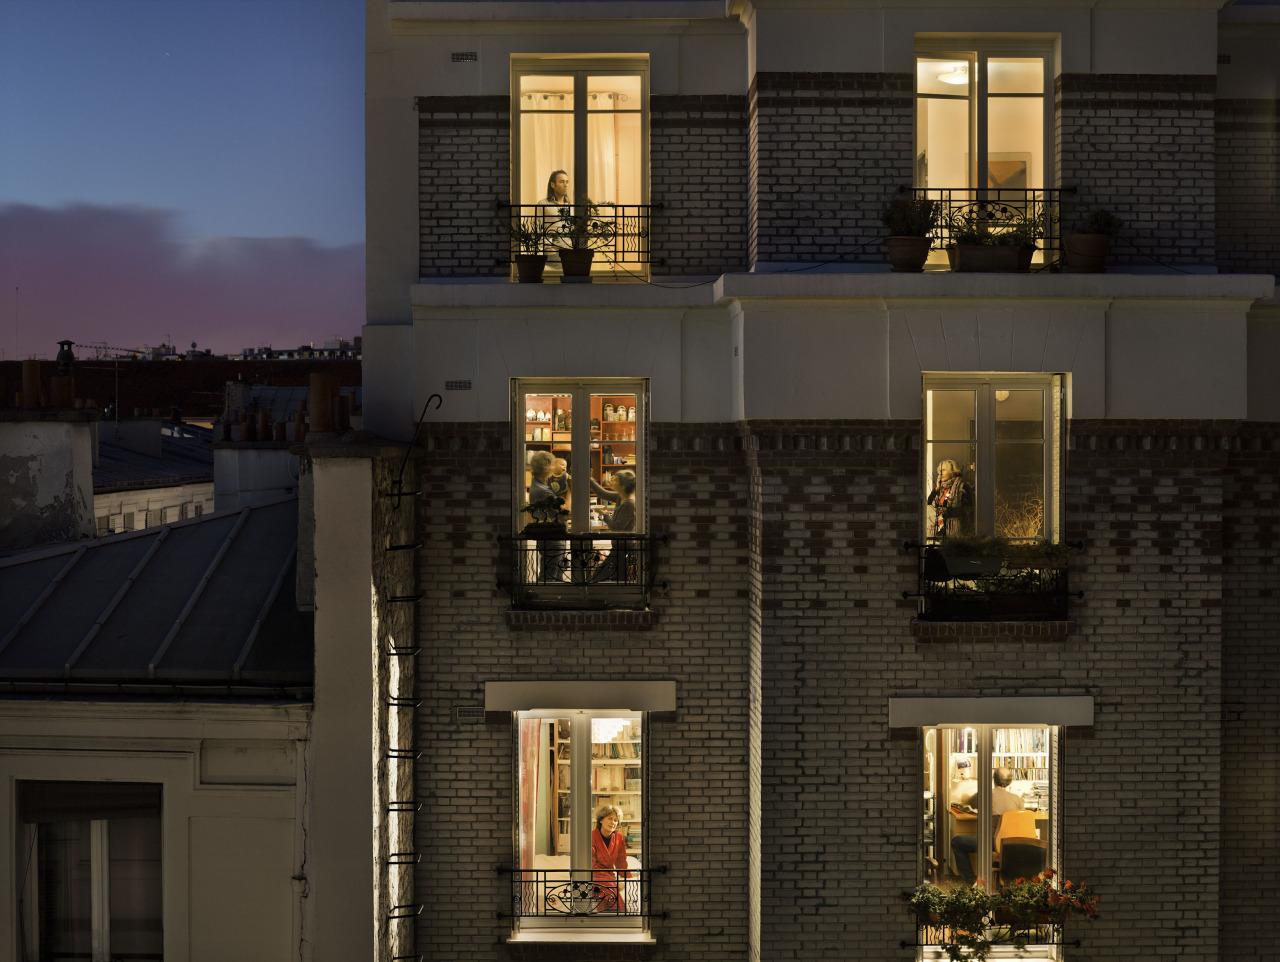 Le 1 novembre 2012, rue de Belleville, Paris-20e